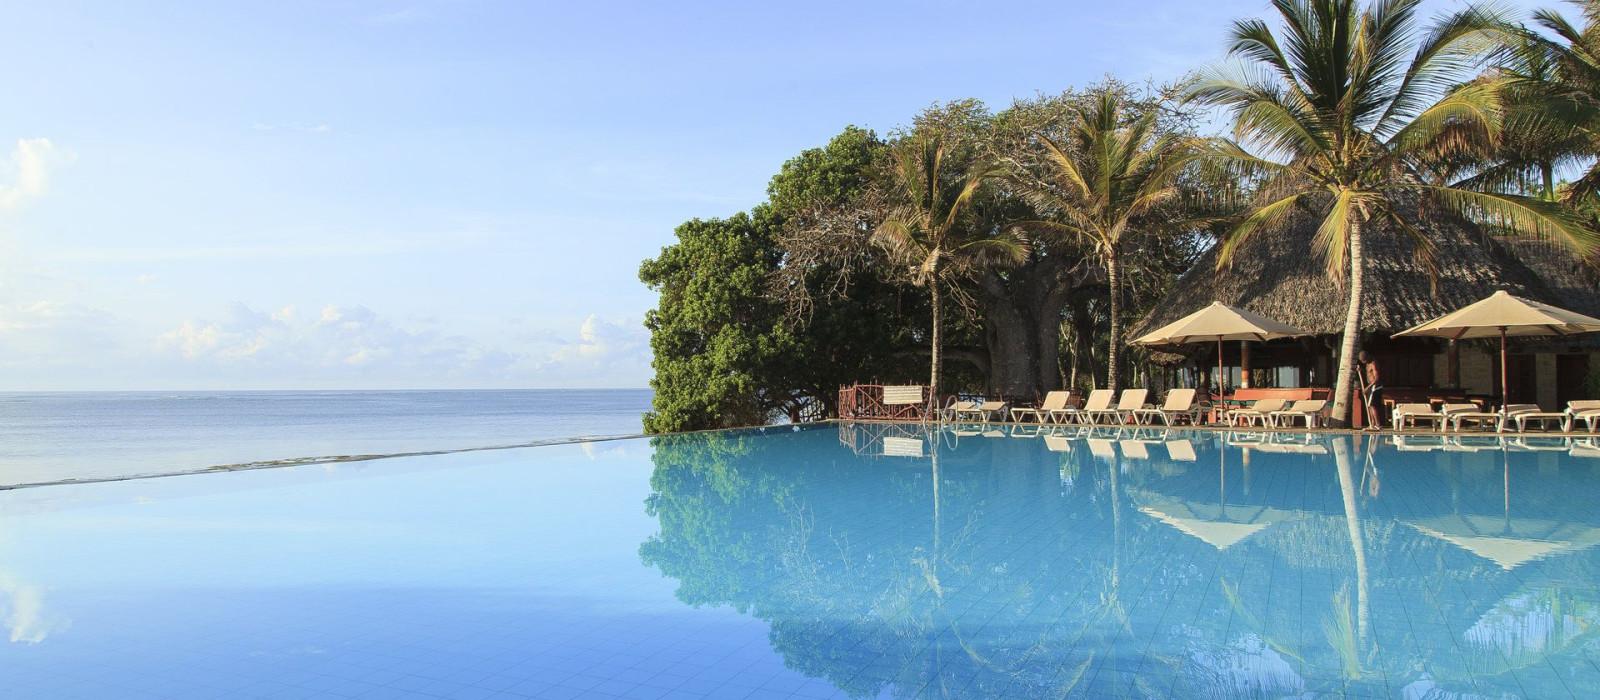 Hotel Baobab Beach Resort and Spa Kenya